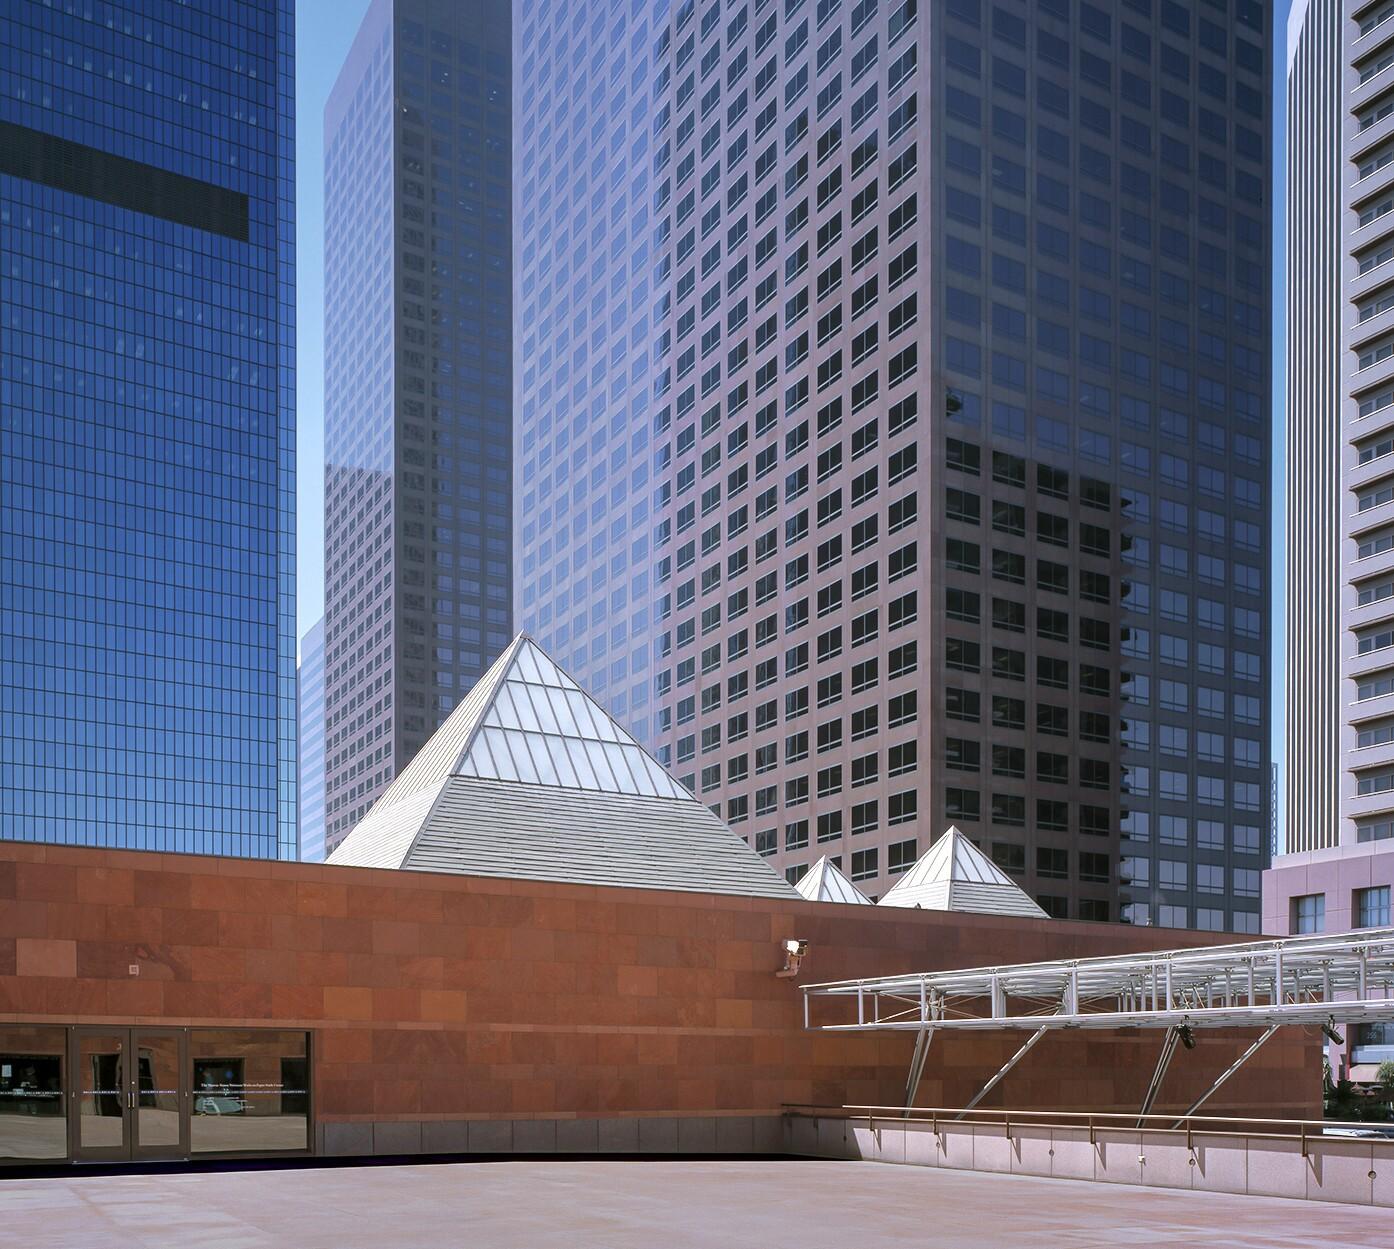 Arata Isozaki The Japanese Architect Who Designed Moca